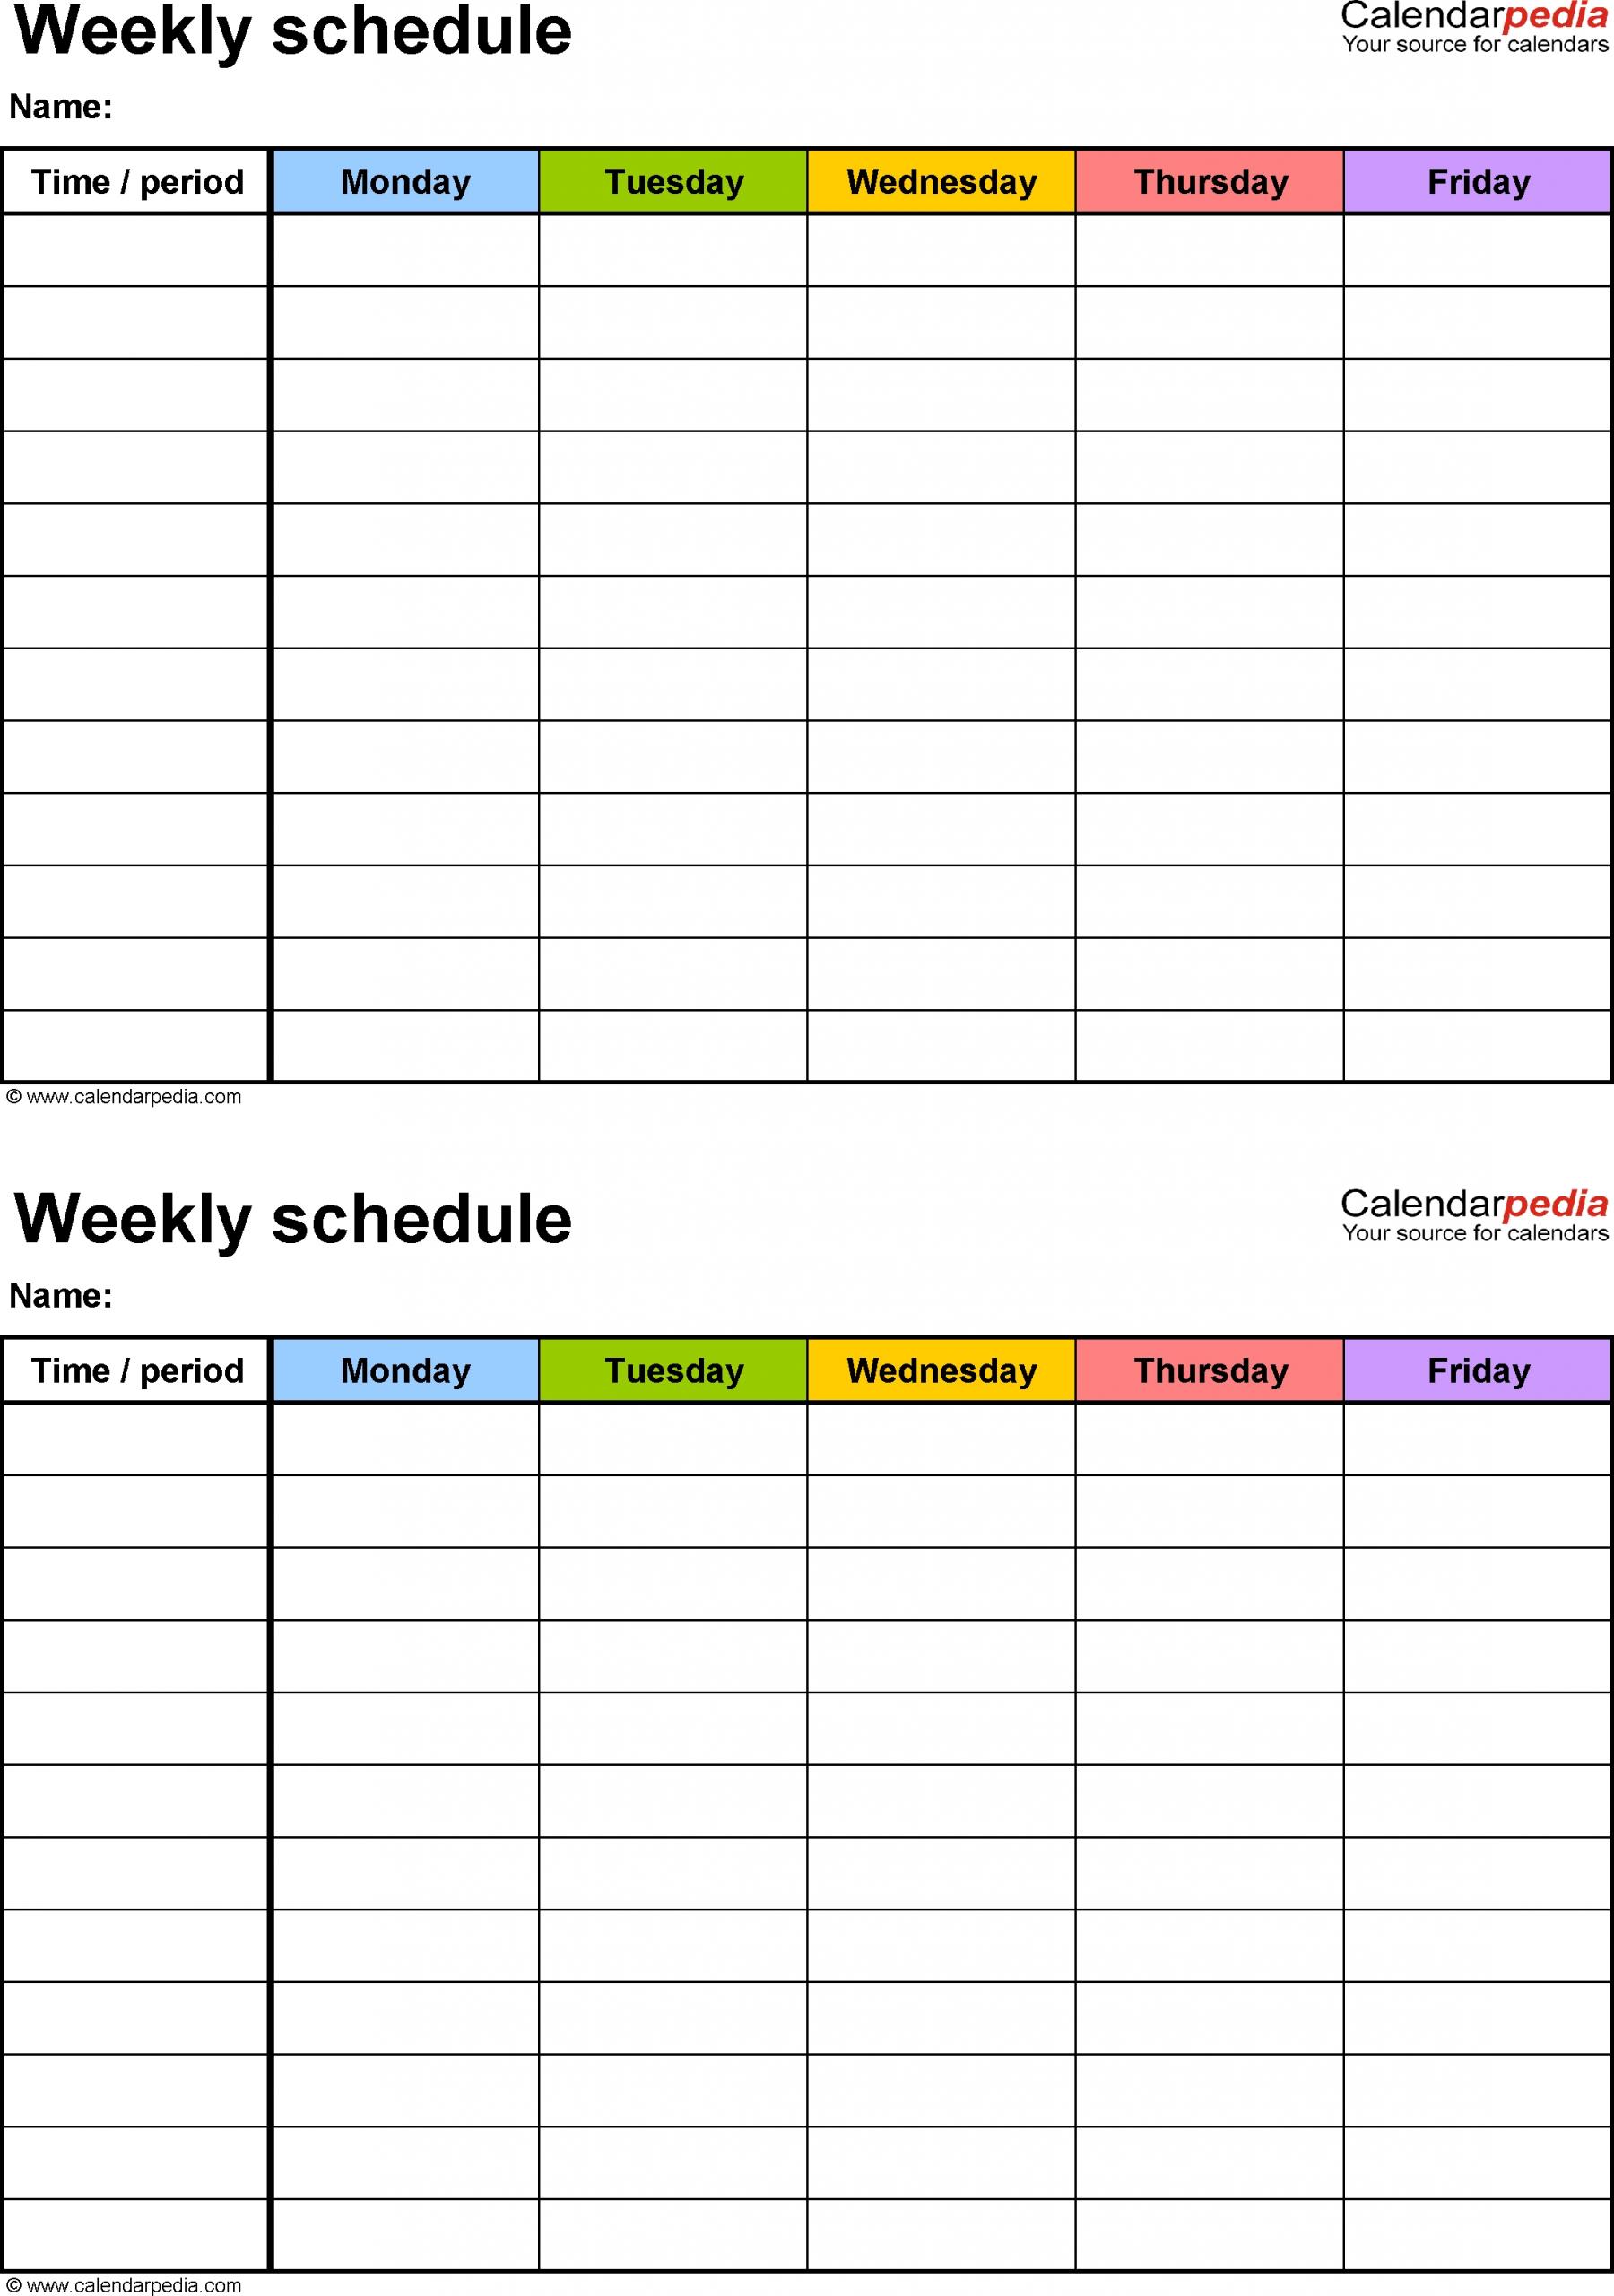 2 Week Calendar Template Printable | Free Calendar Printable Calendar 2 Weeks